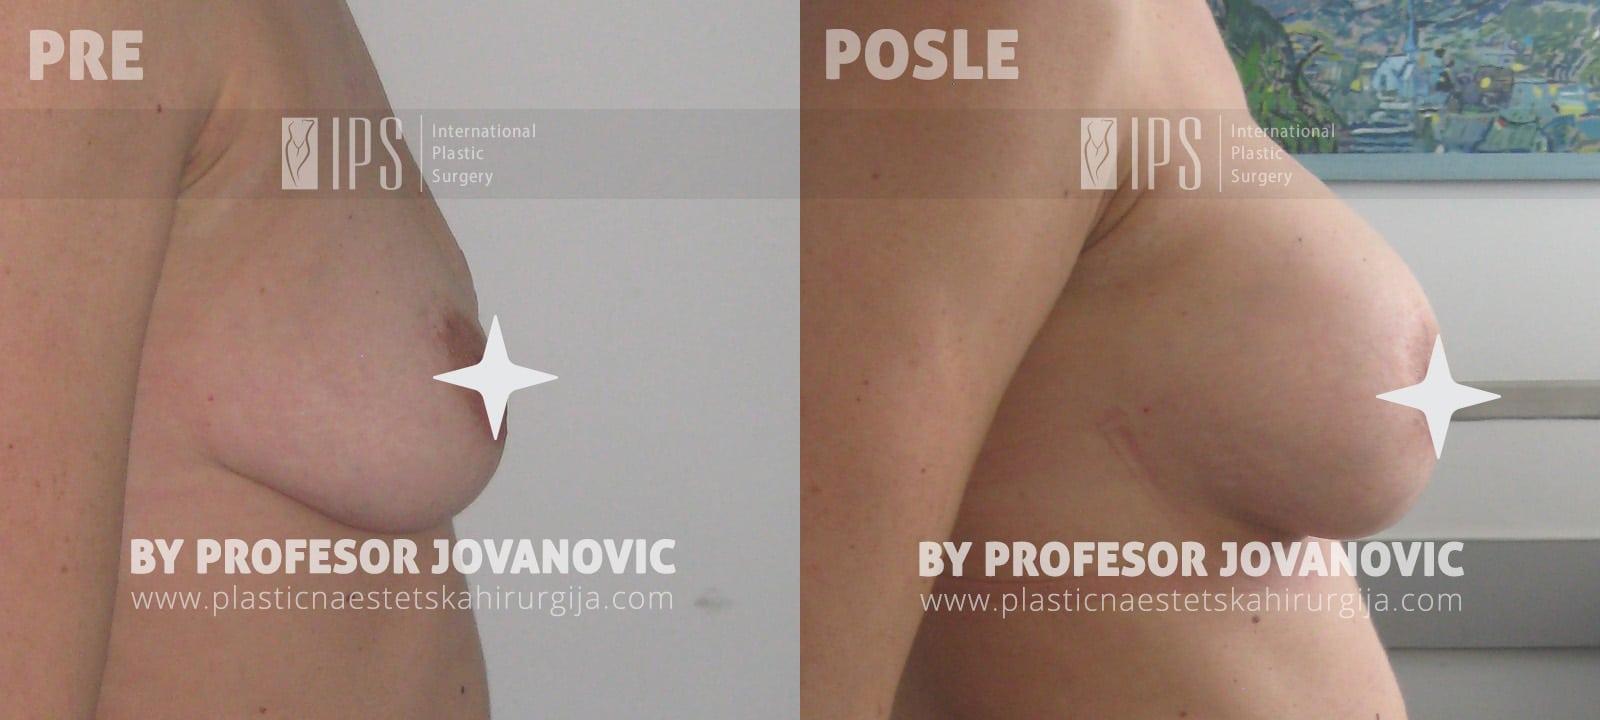 Asimetrija i augmentacija dojki (bez ožiljaka) - pre i posle, desni bok